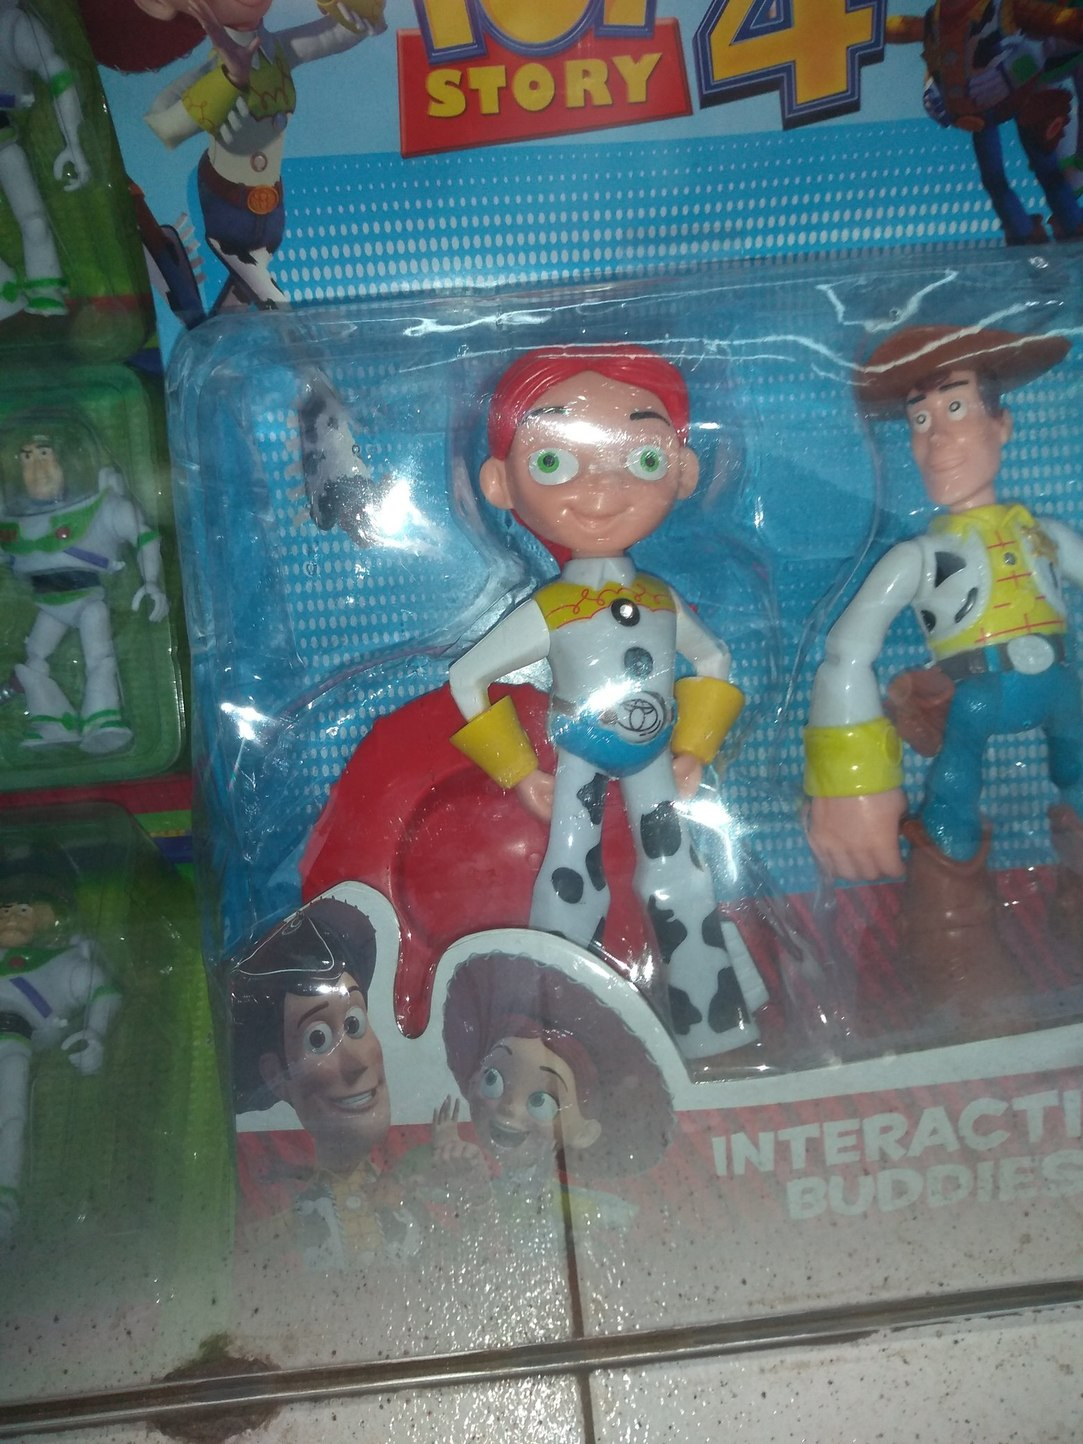 Está foto la saque yo en una jugueteria de cba - meme